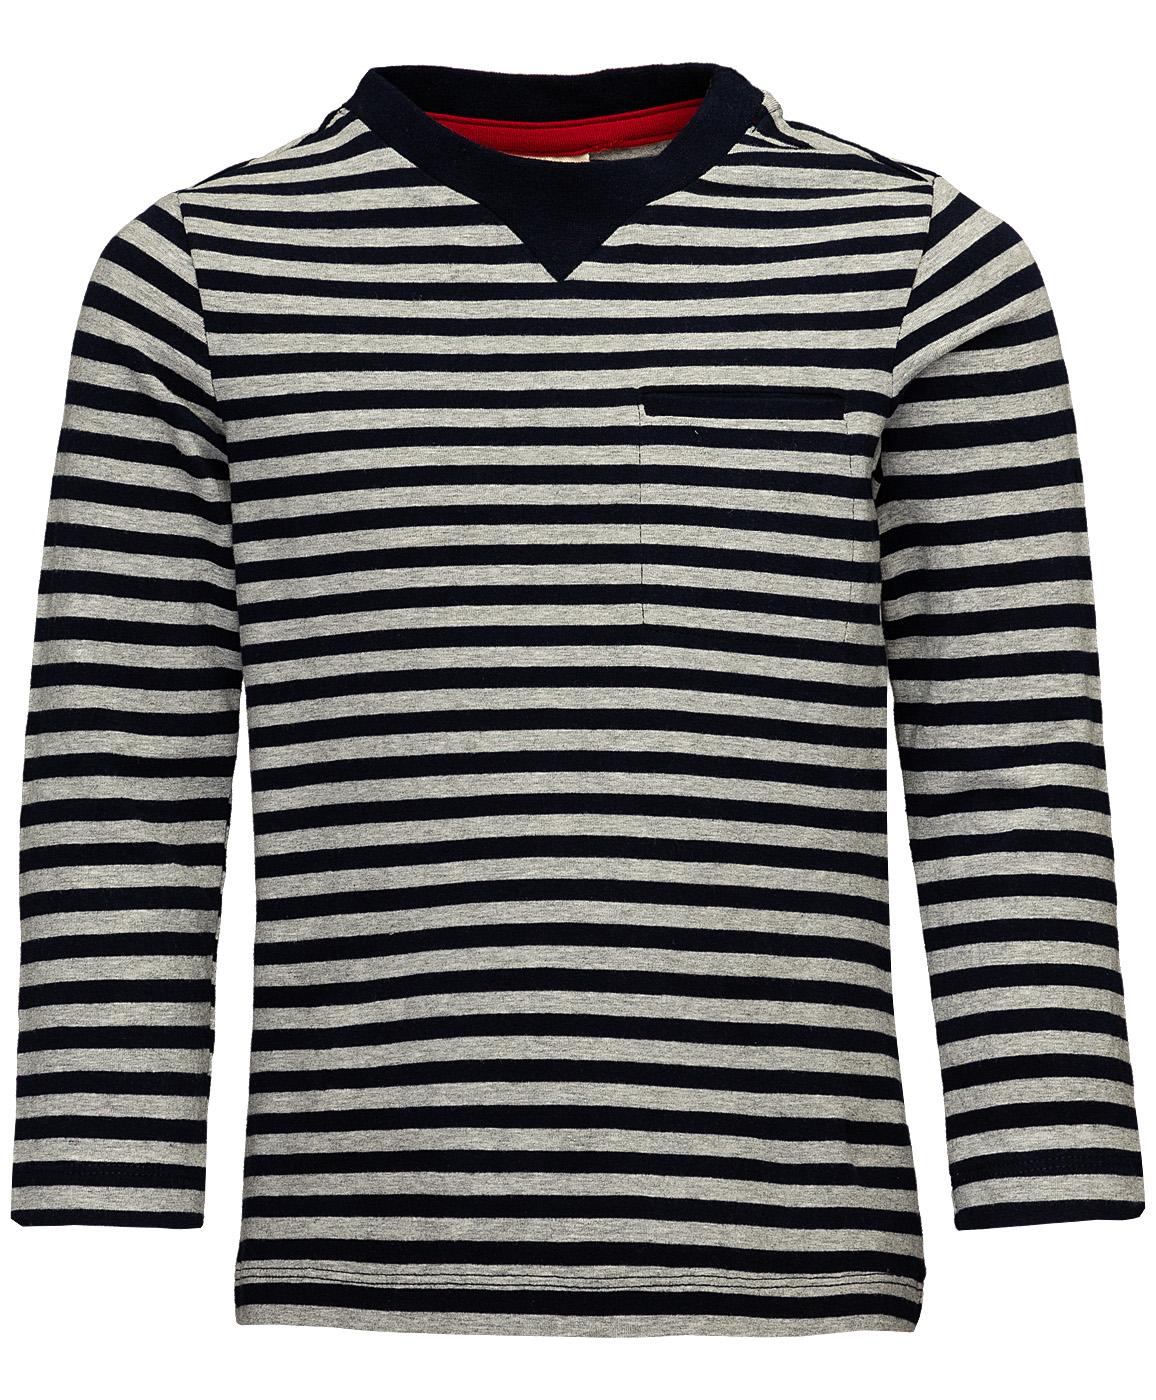 Купить 219BBBC12044005, Серая футболка в полоску Button Blue, серый, 134, Мужской, ОСЕНЬ/ЗИМА 2019-2020 (shop: GulliverMarket Gulliver Market)